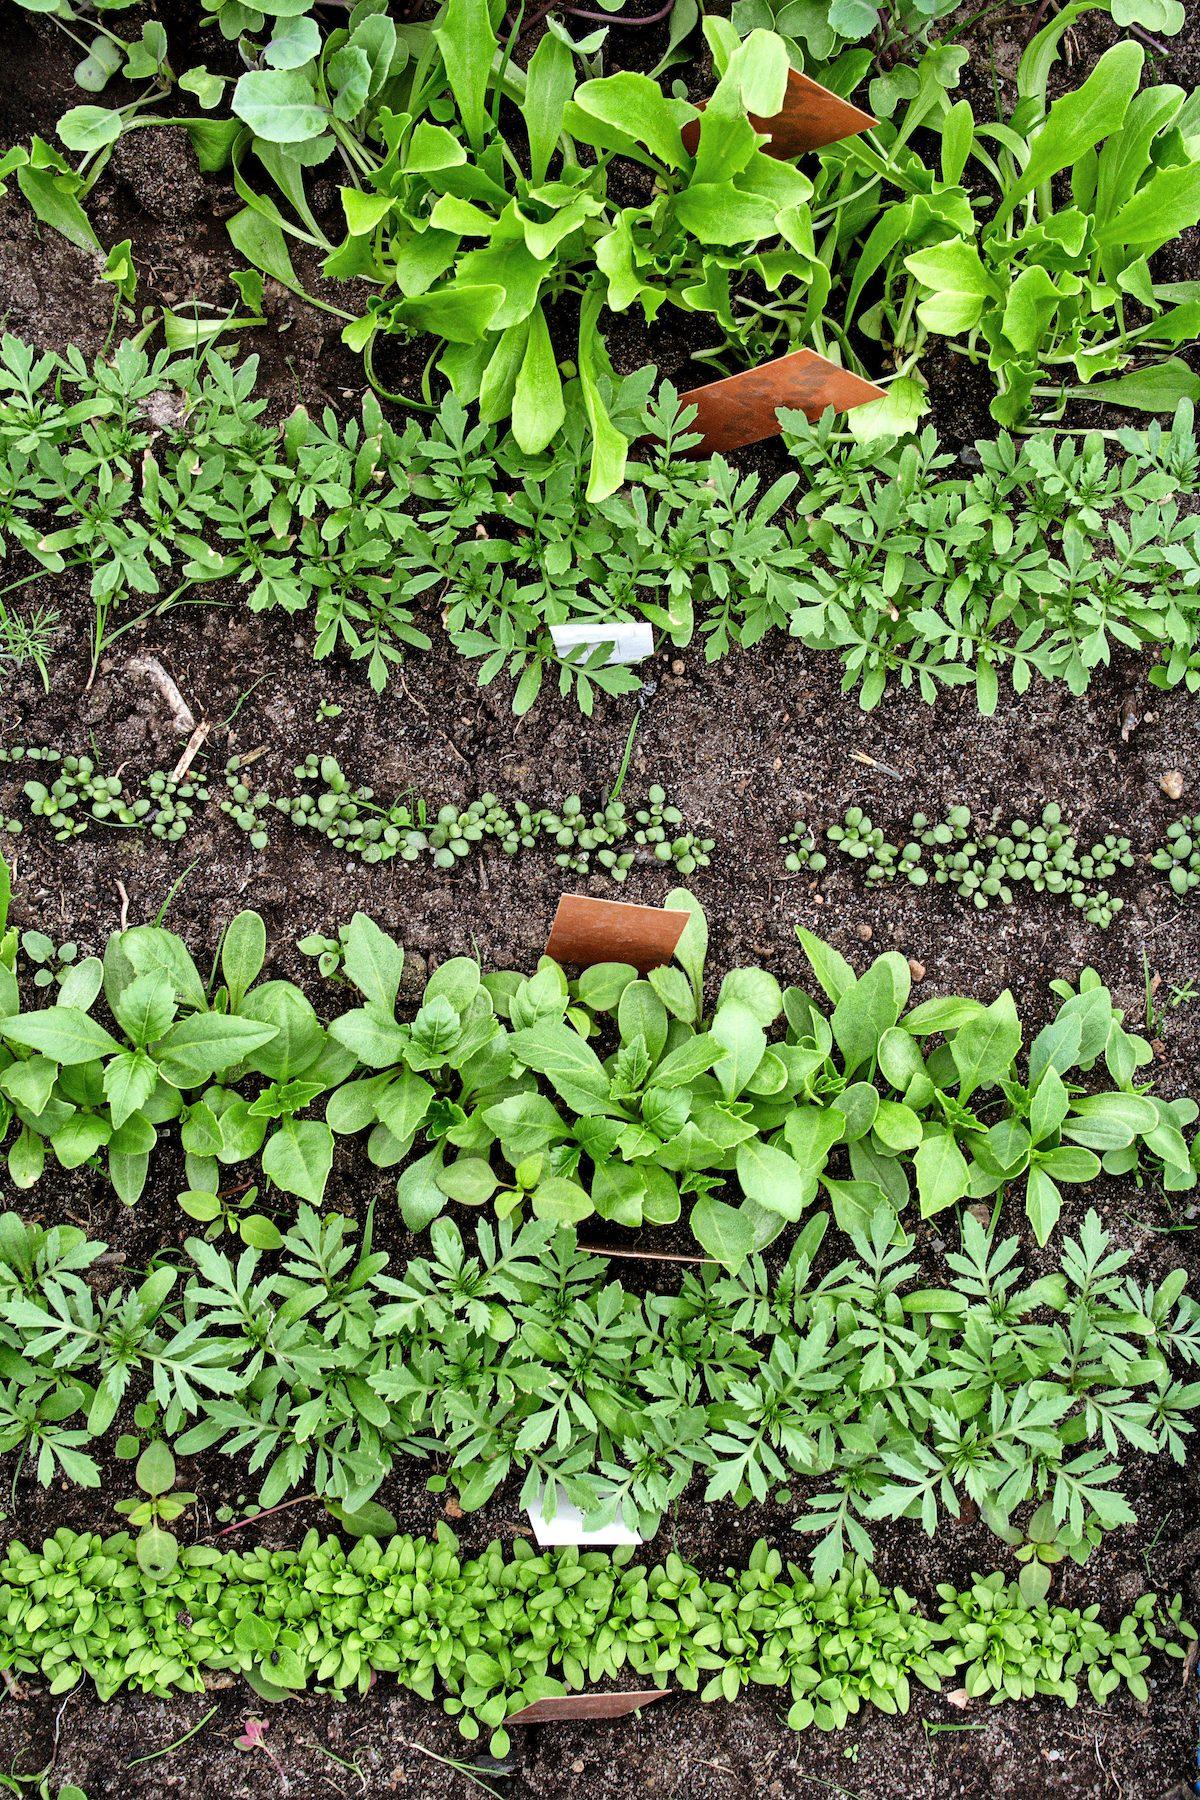 Different vegetable seedlings growing in rows